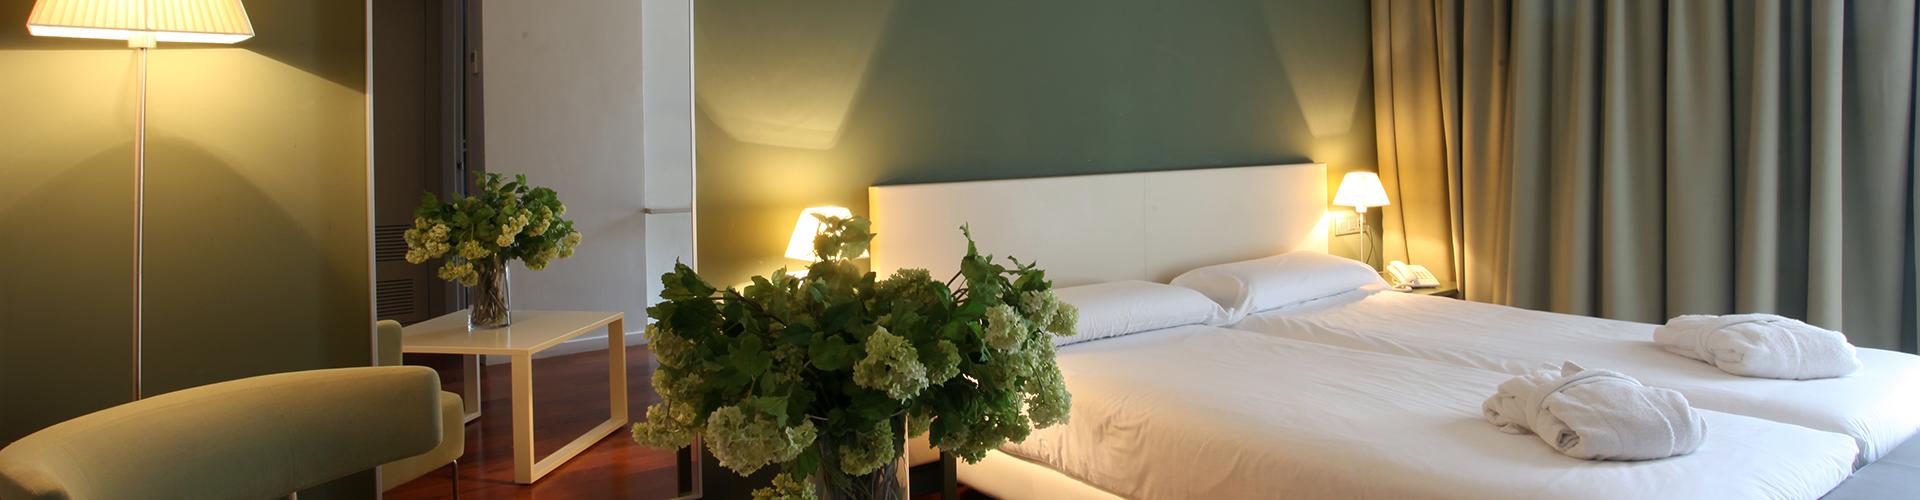 HOTEL GRAN CLAUSTRE & SPA (2)